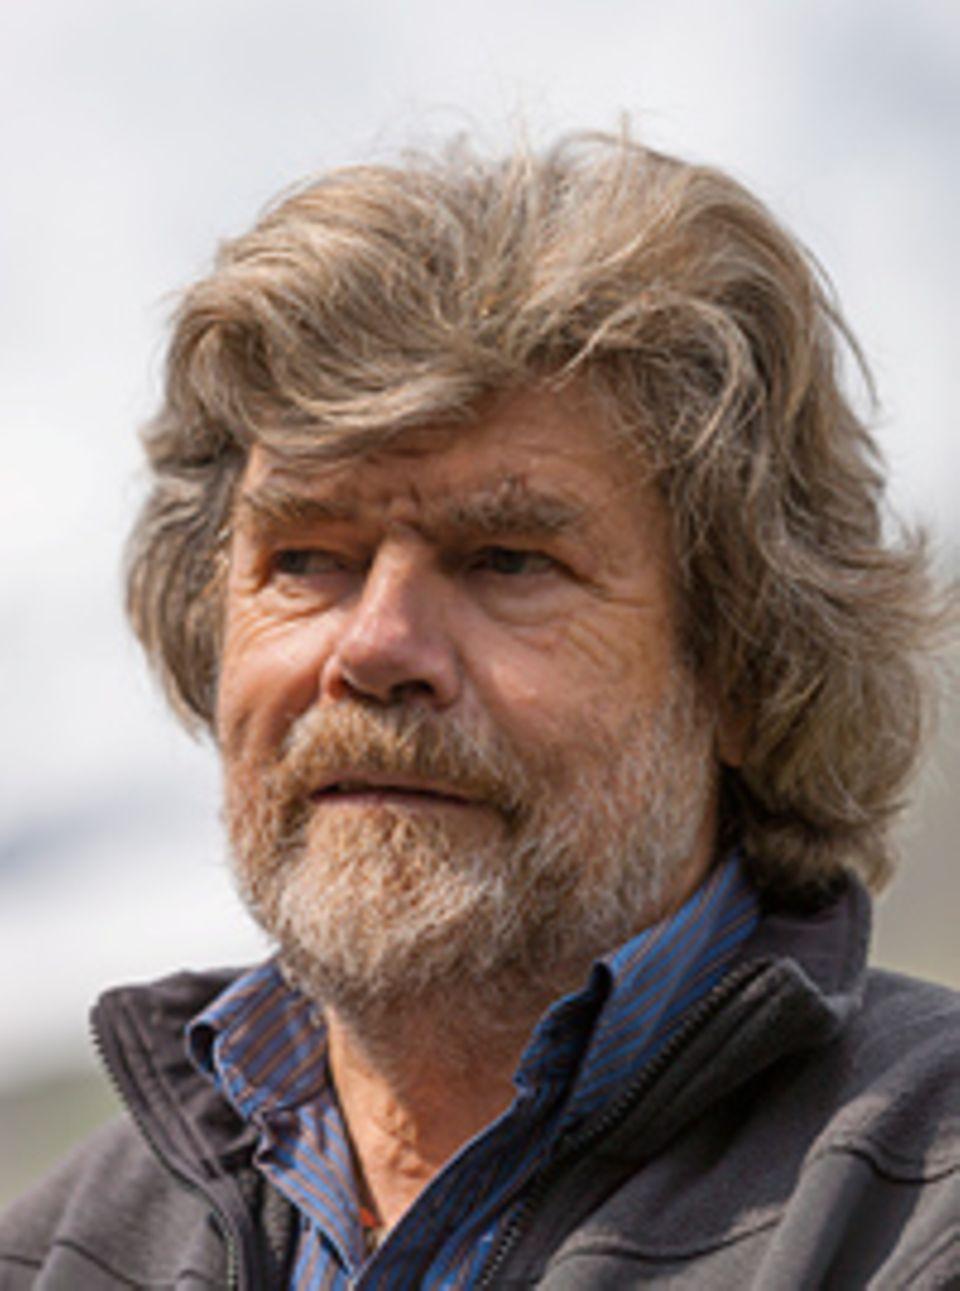 Interview: Bergsteiger Reinhold Messner hat den Kailash aus Respekt bis heute nicht erklommen